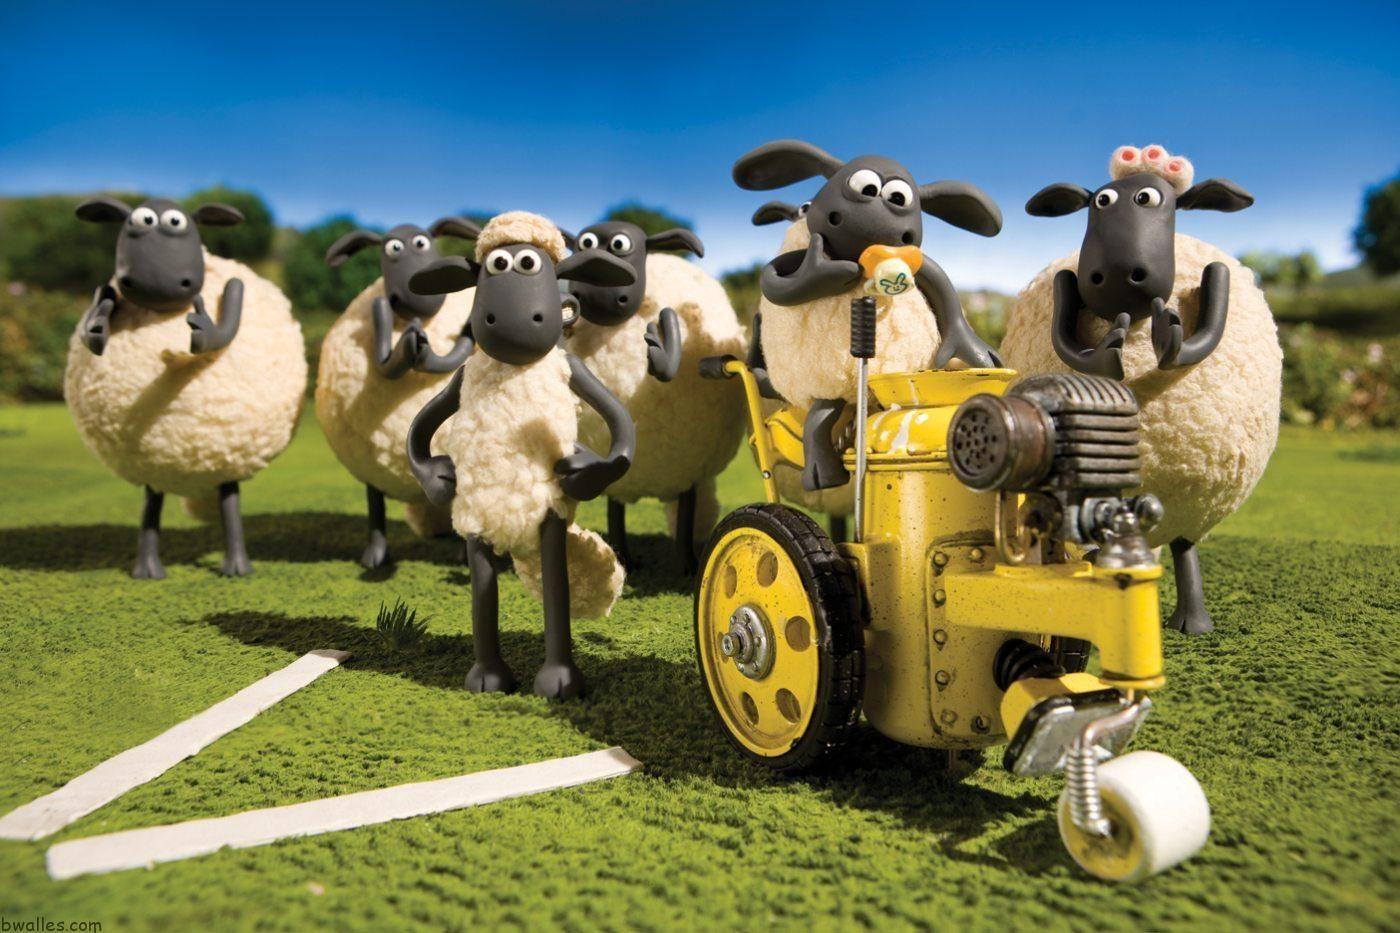 Shaun The Sheep Sunday Lawn ひつじのショーン イラスト ひつじの